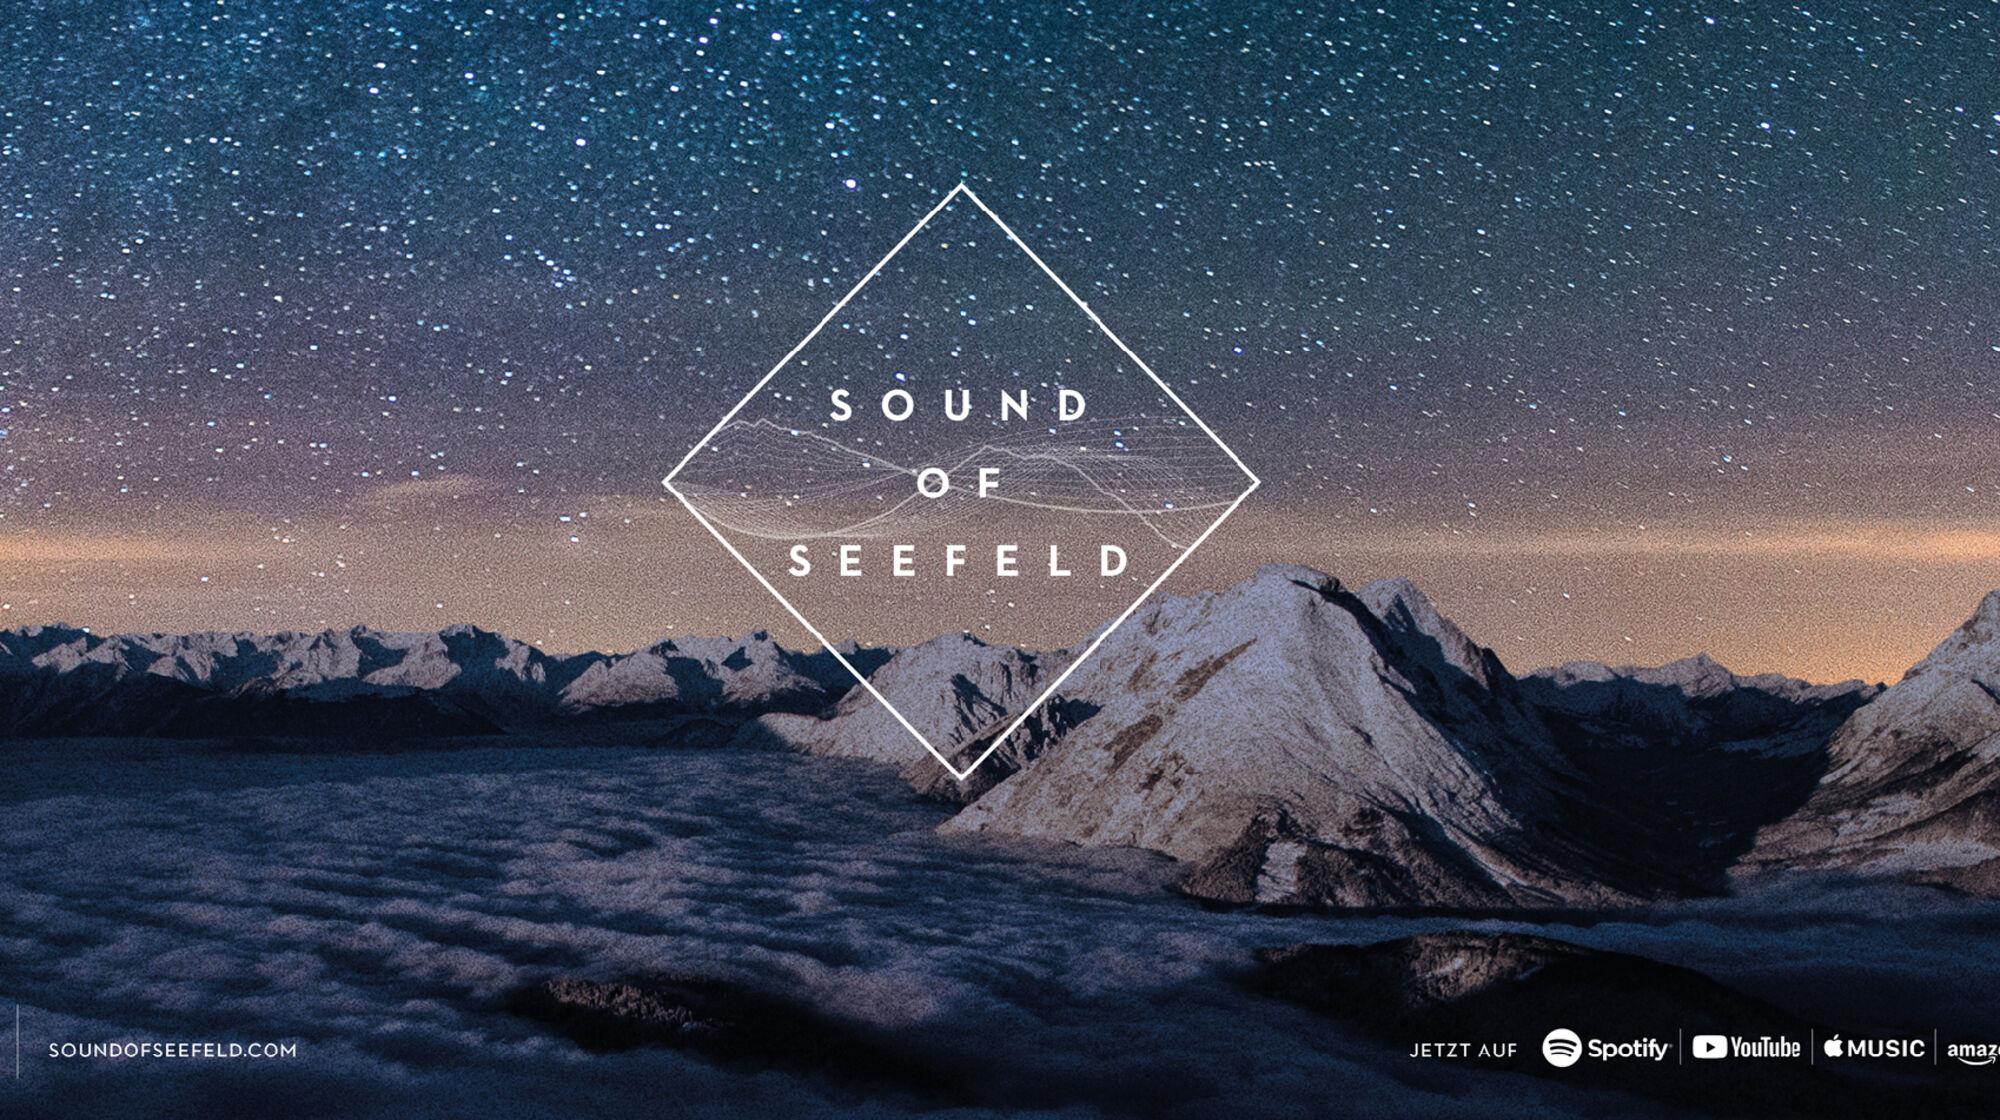 Sound of Seefeld